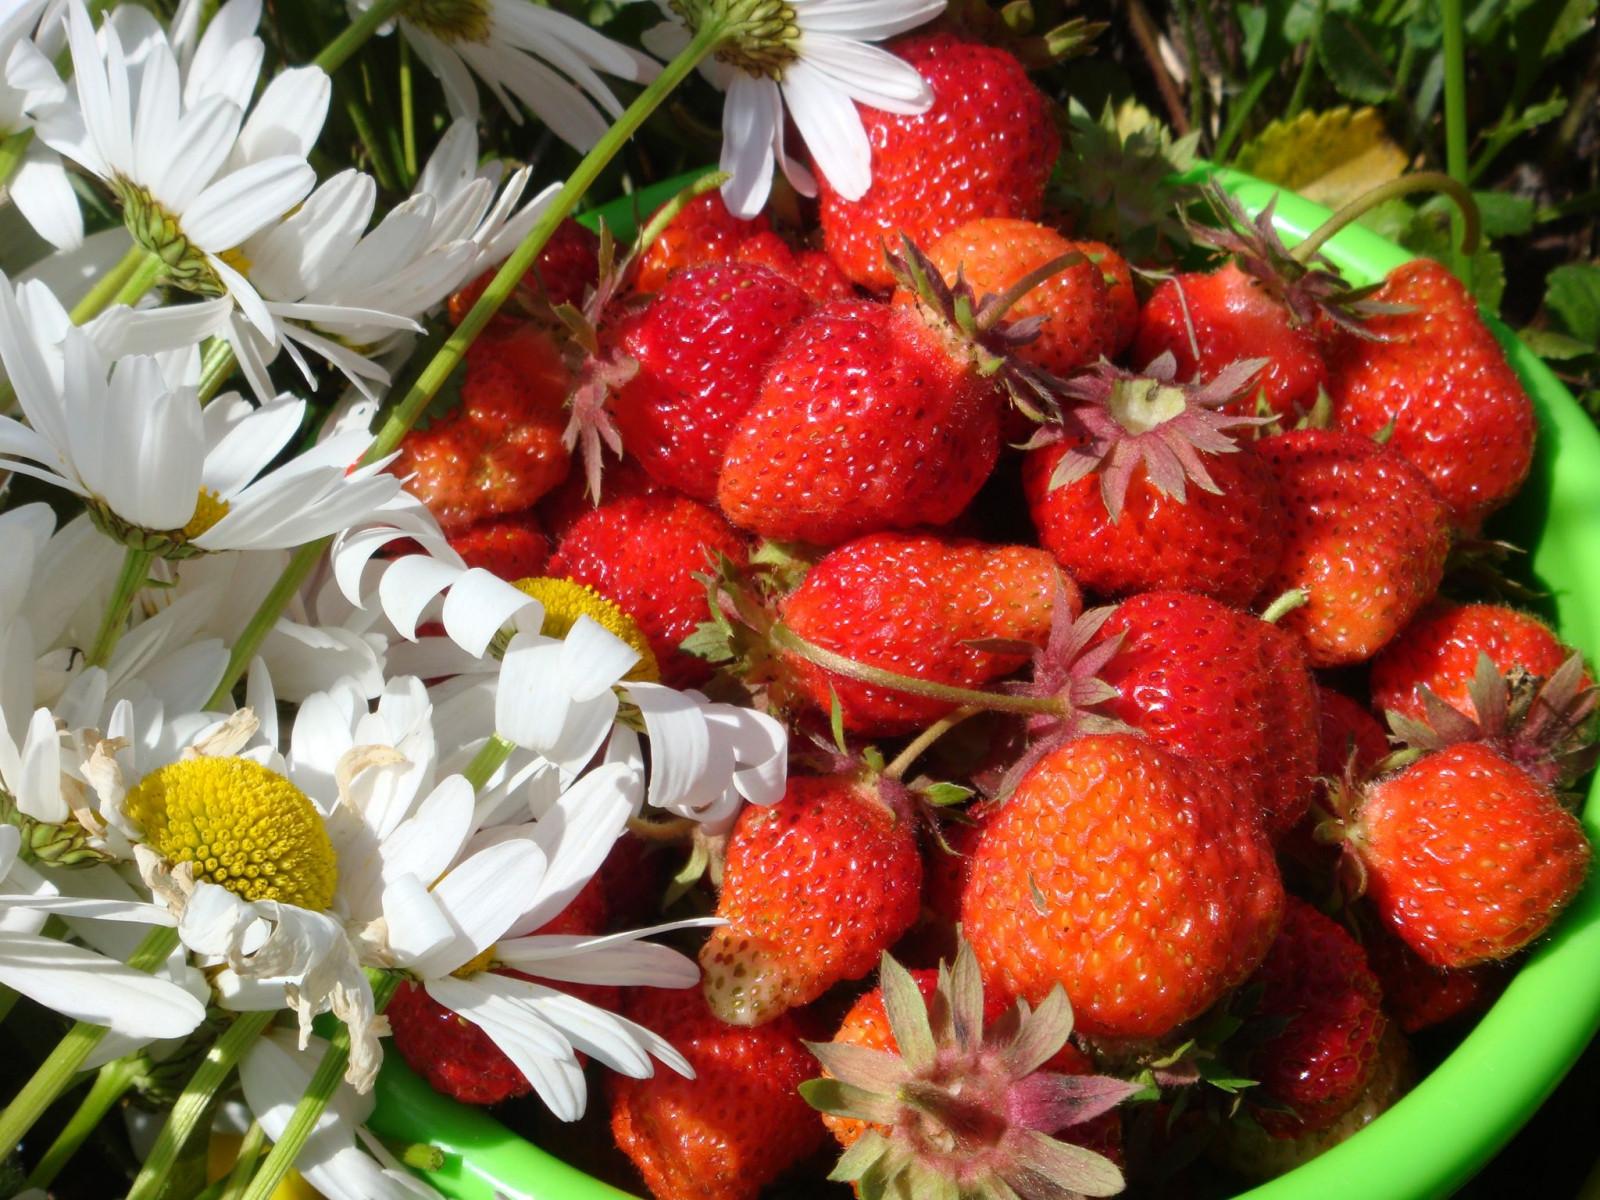 Картинки цветов и фруктов ягод, месяц